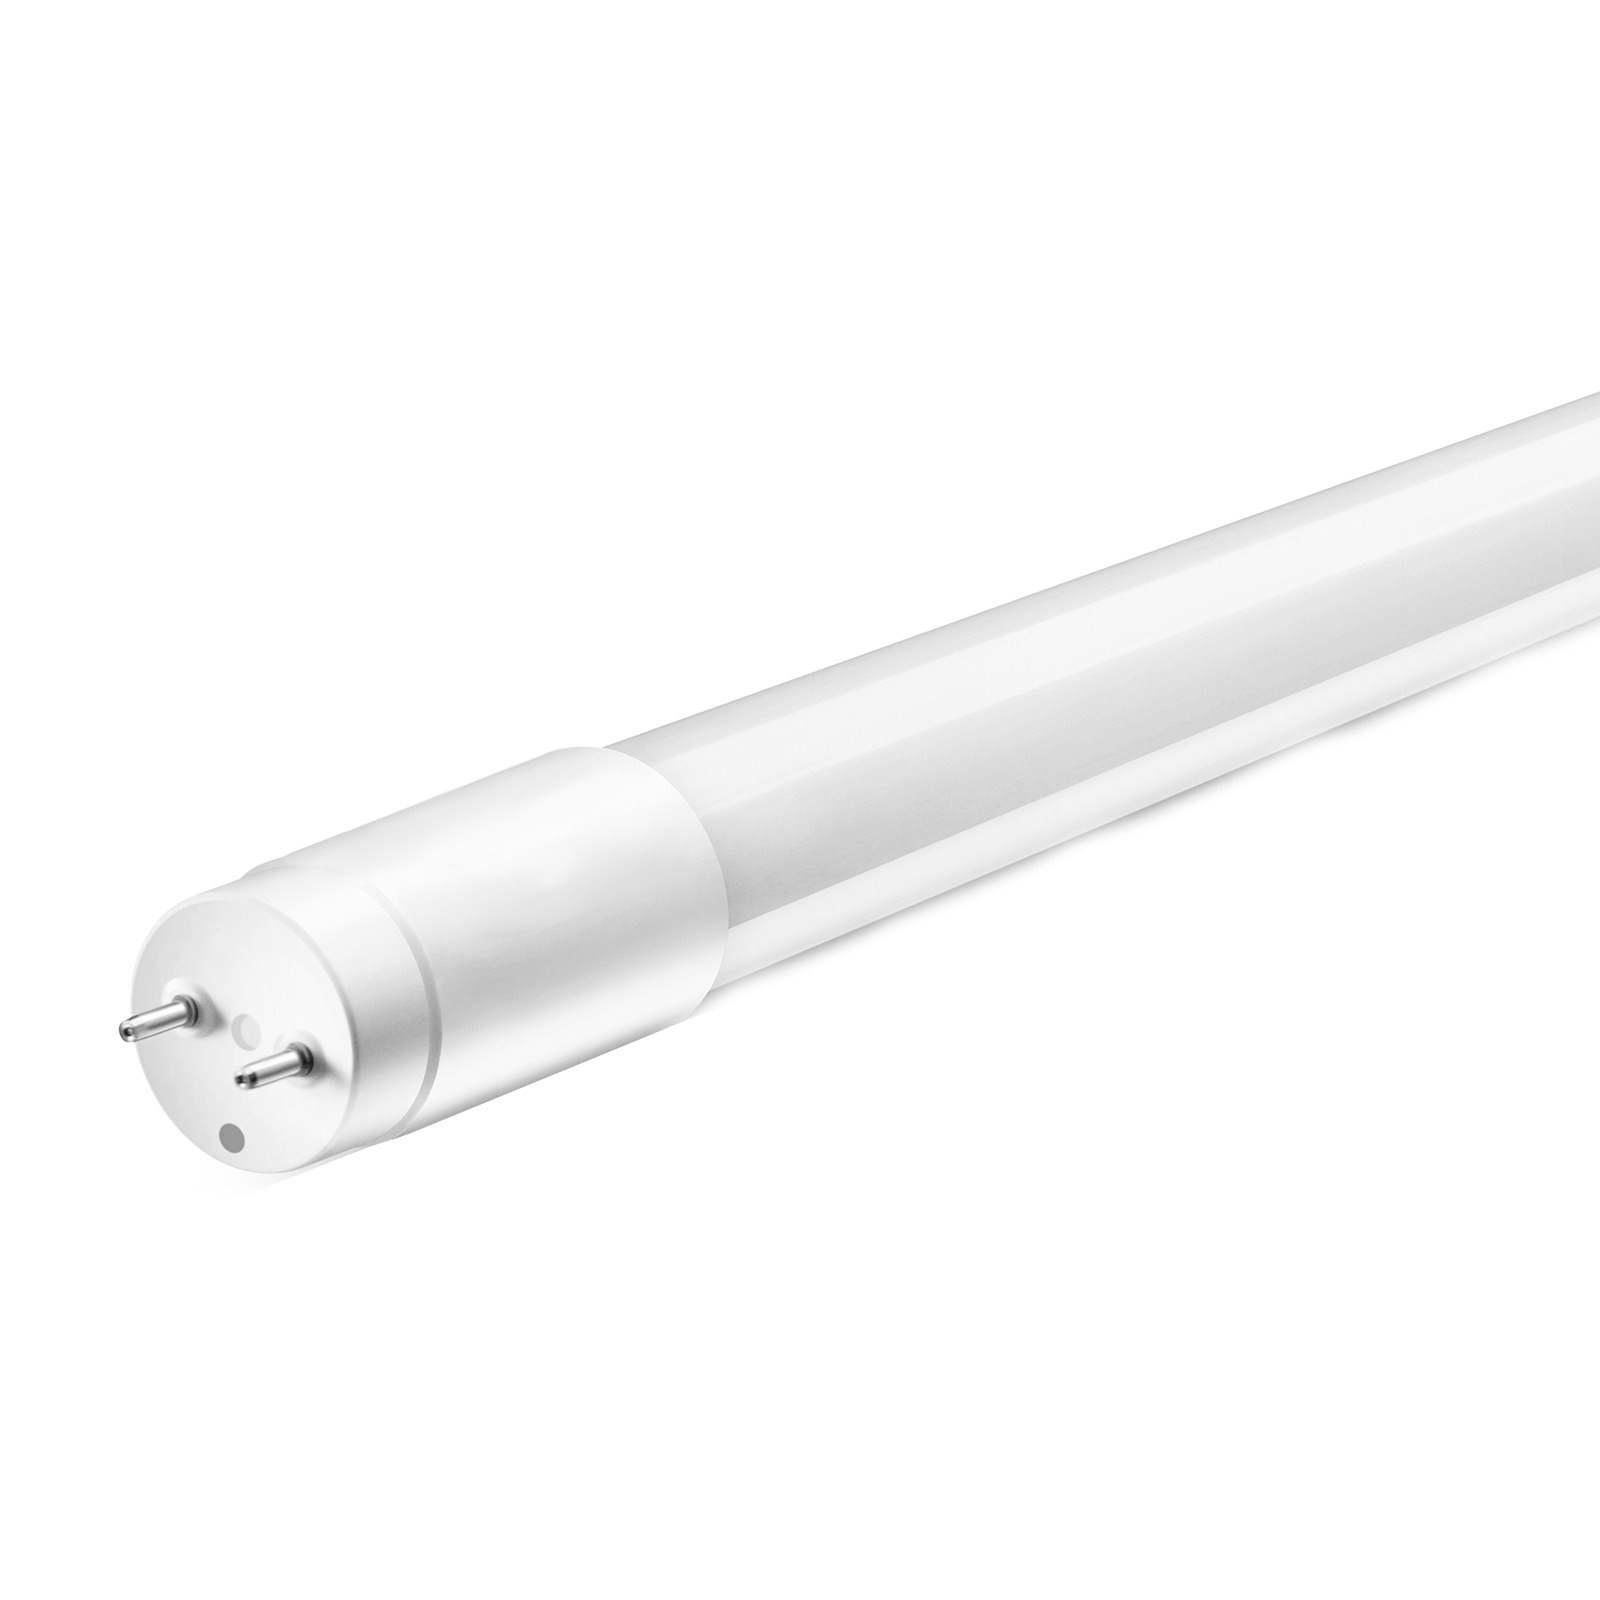 Confronto Lampade Led E Neon.Tubo Led 10 Watt Per Sostituzione Tubi Neon Equivalente 18 Watt